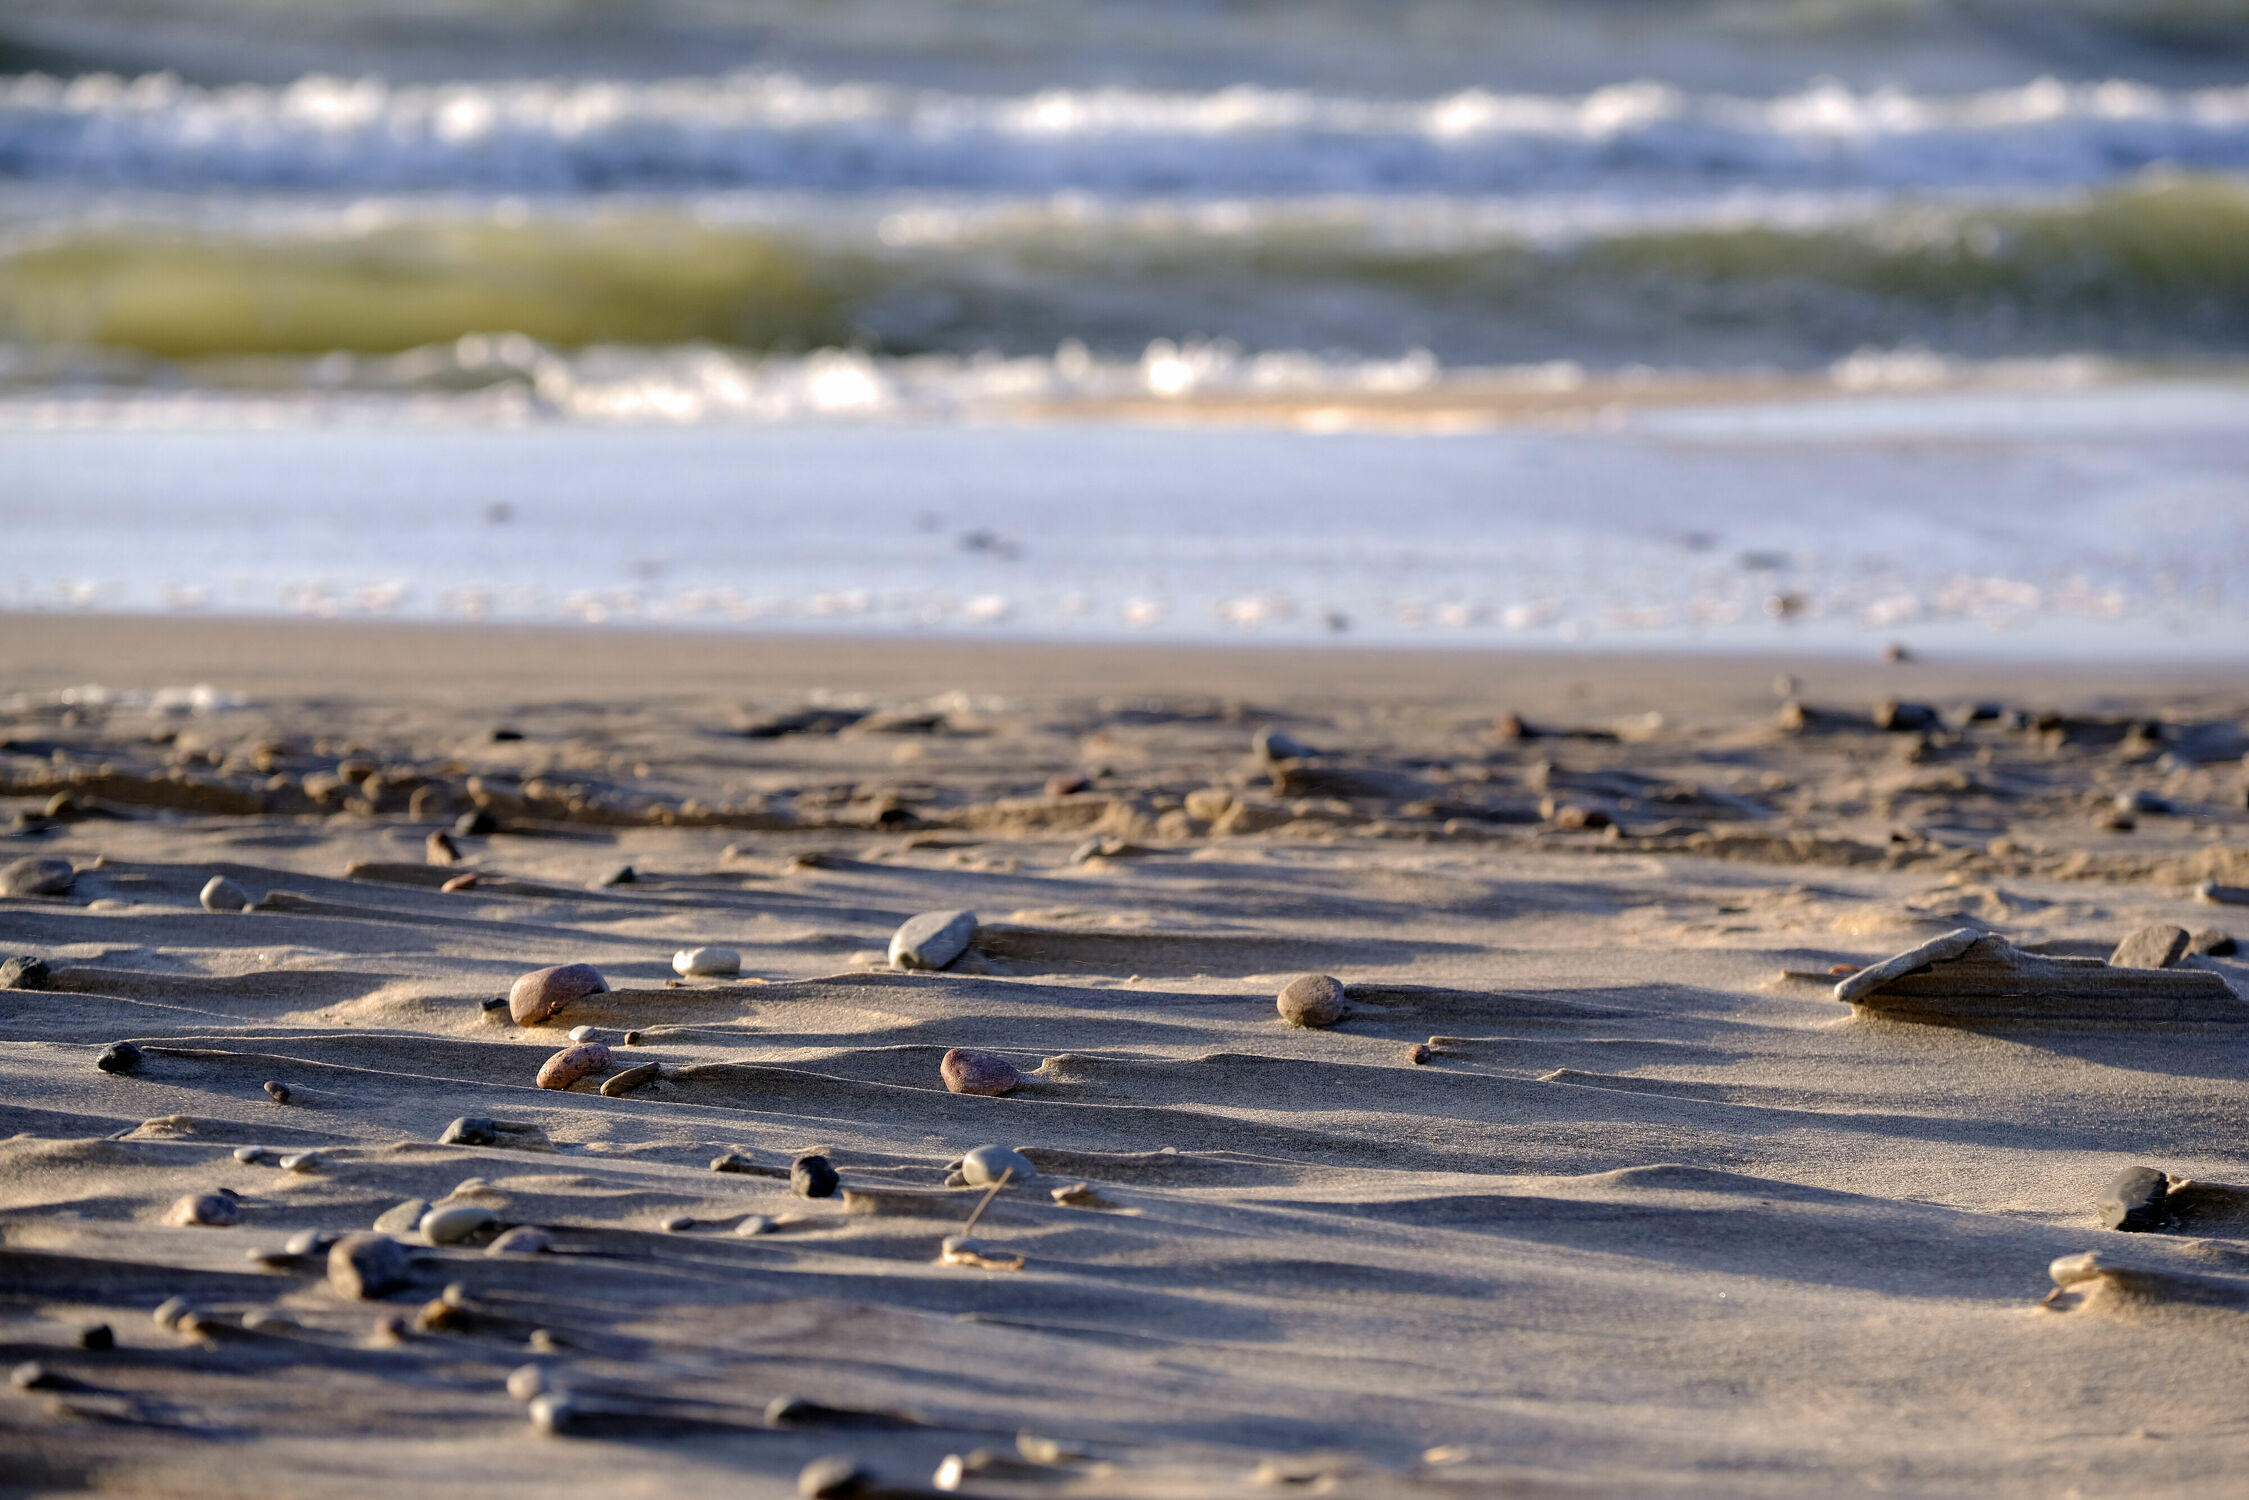 Bild mit Sand, Strand, See, Ruhe, Strukturen, Stille, Ausspannen, Sandsturm, Kieselsteine